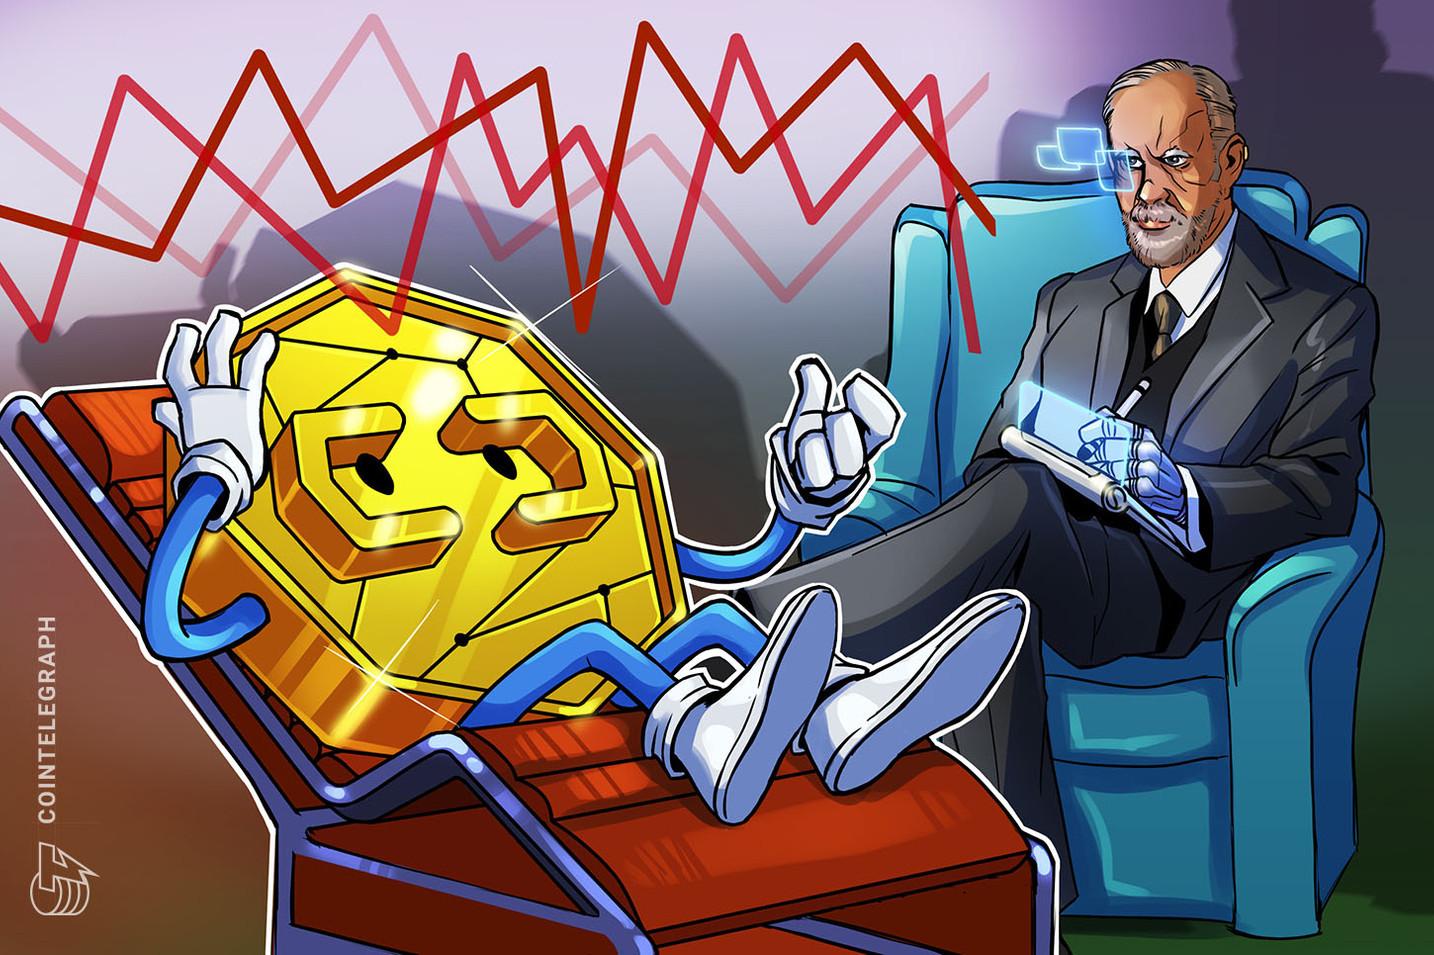 ¿En qué consiste la crisis K? ¿Y cómo afecta a Bitcoin?